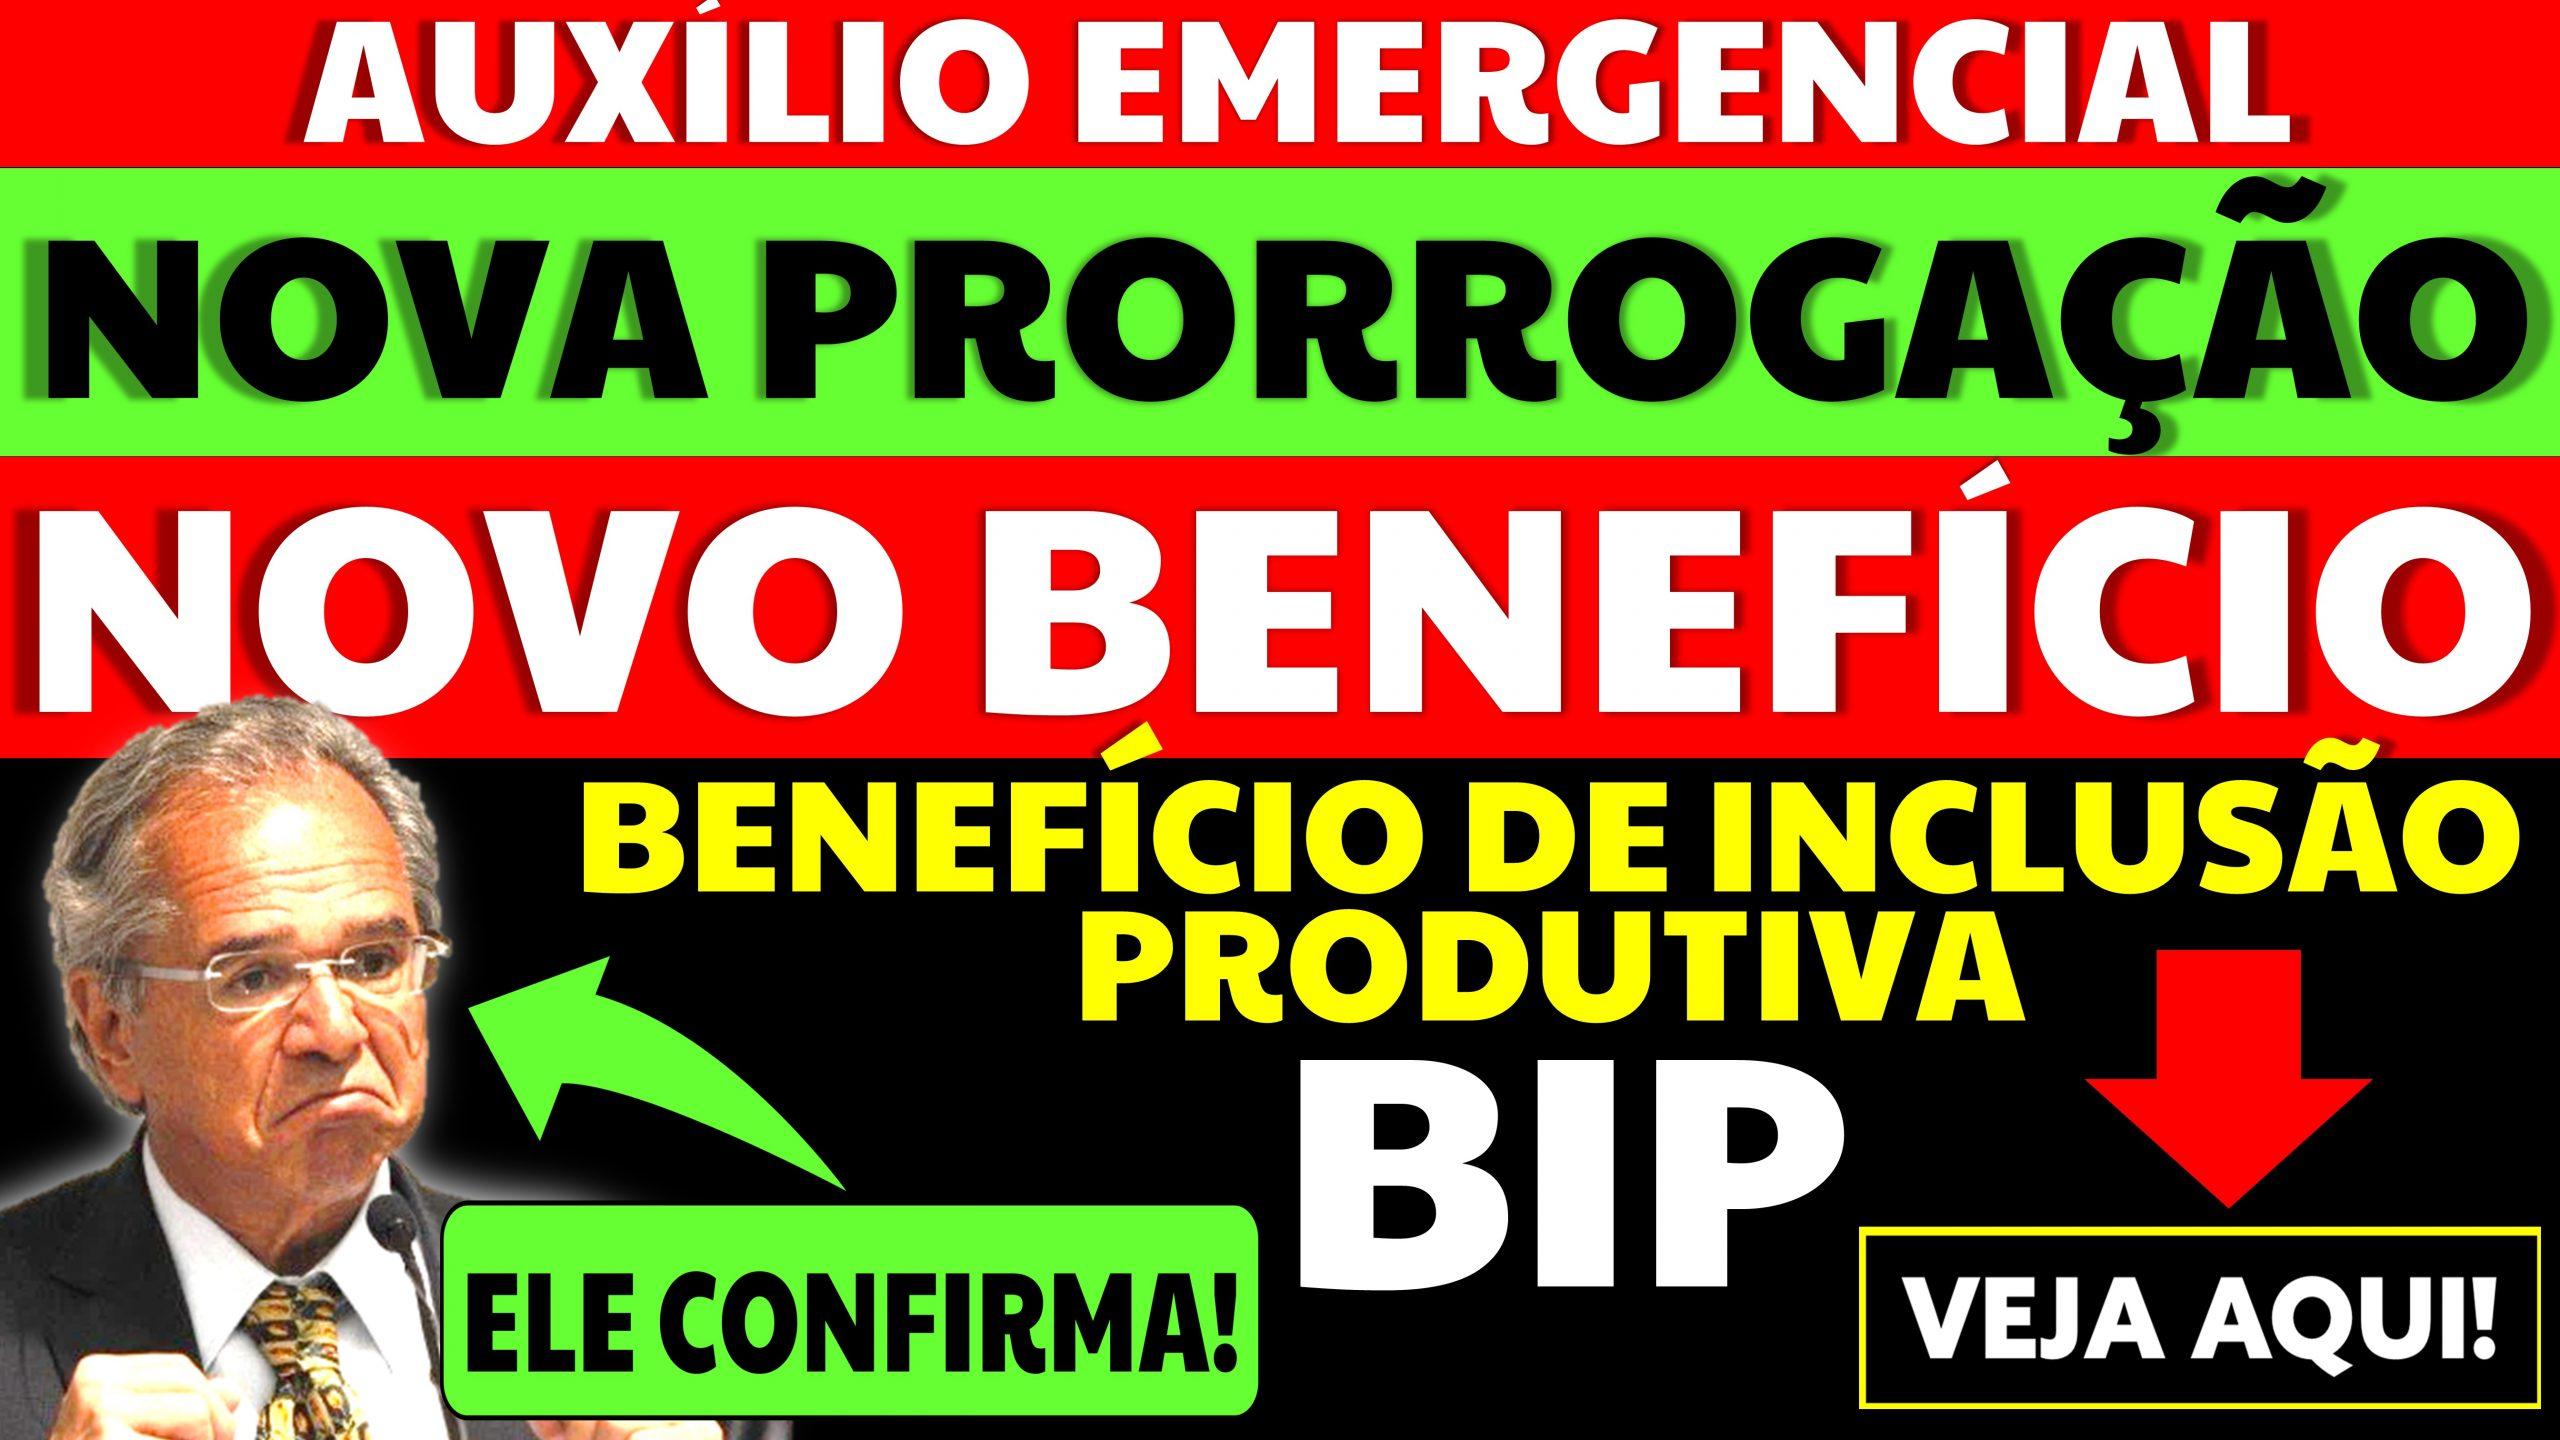 Guedes fala sobre o BIP e sobre a Prorrogação do Auxílio Emergencial